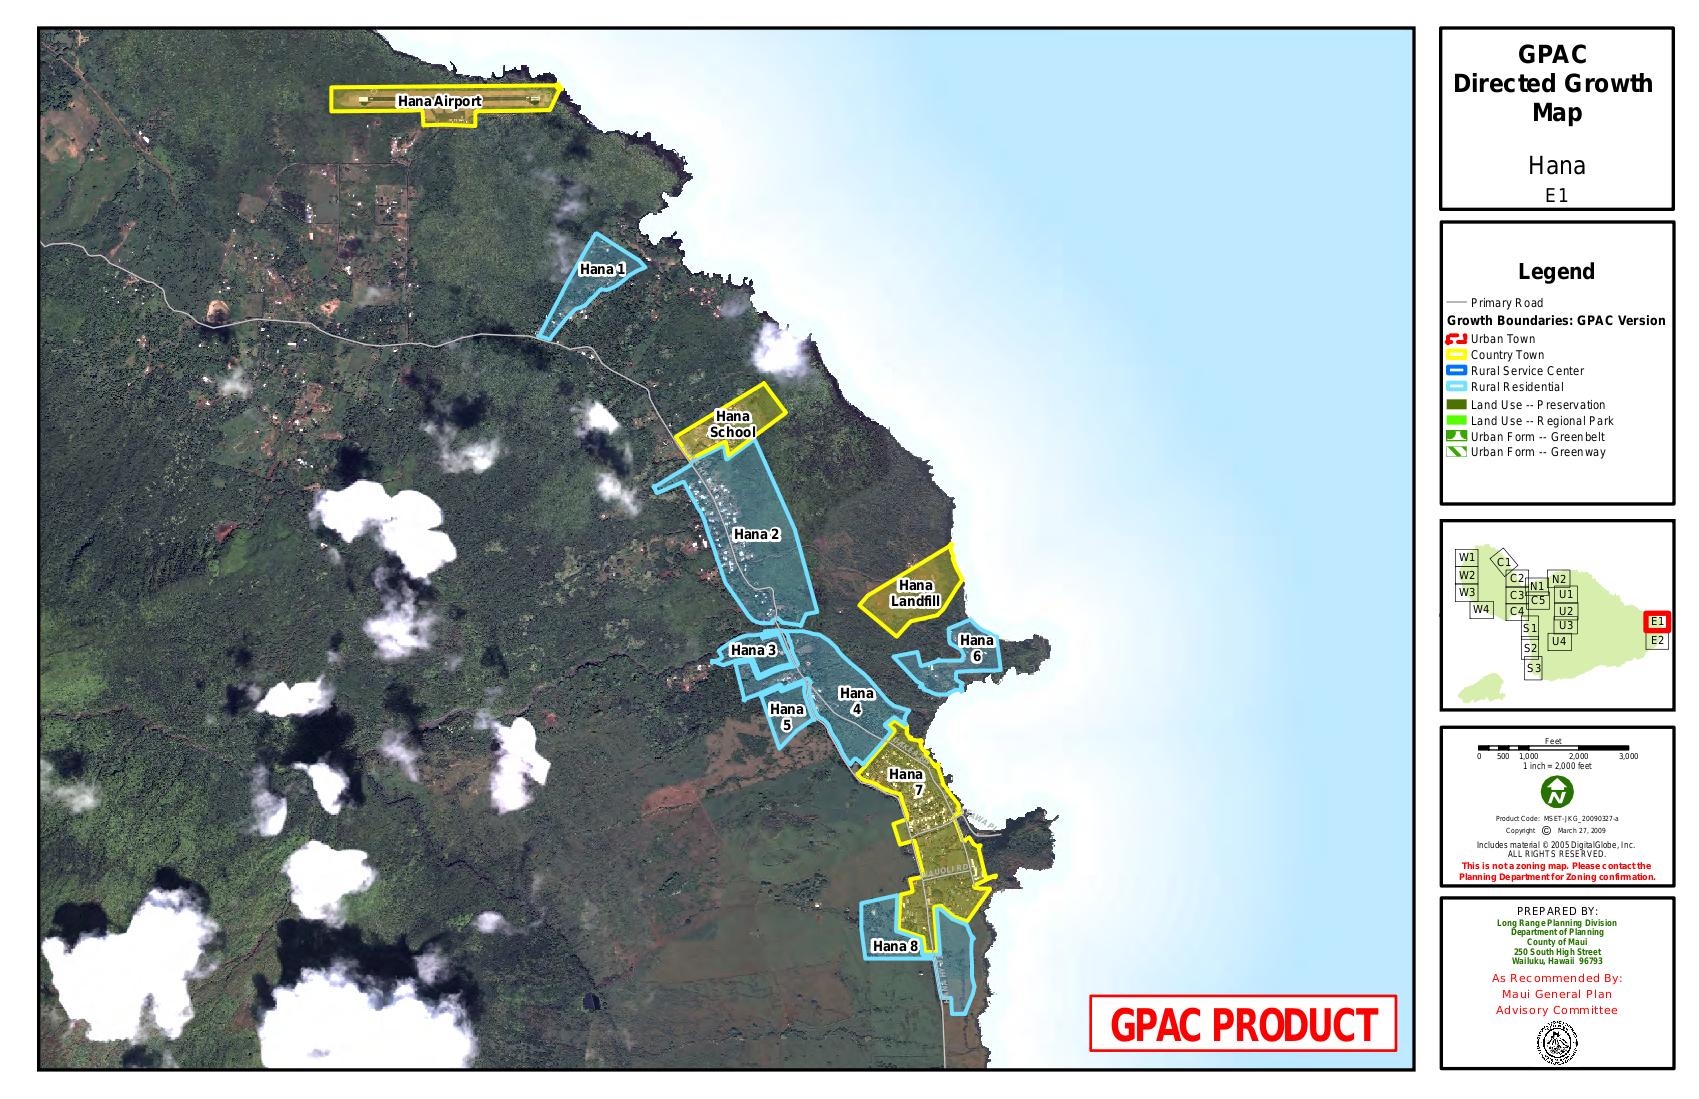 GPAC Directed Growth Map Hana